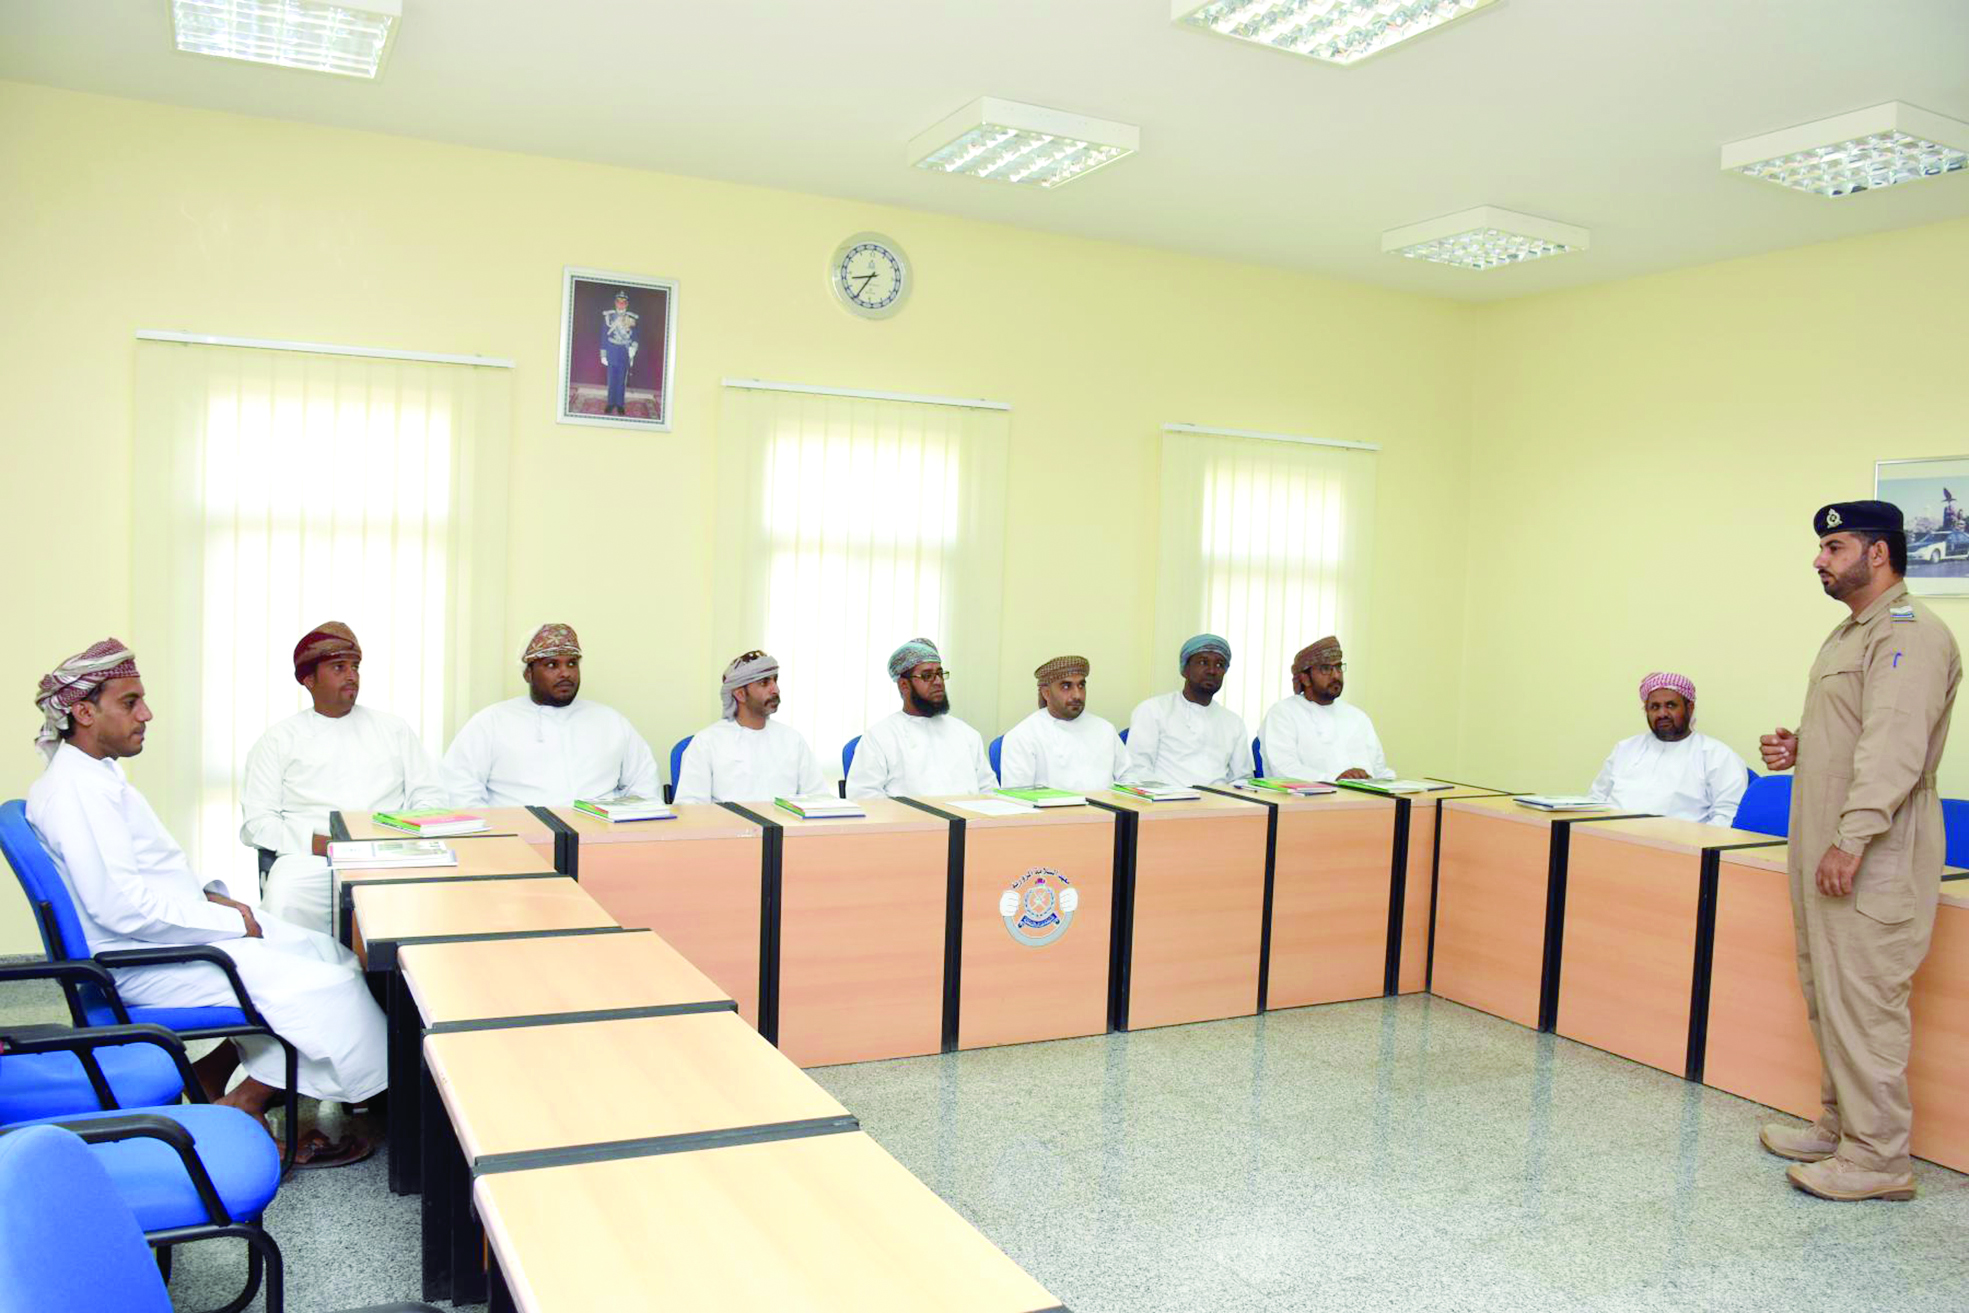 تنفيذ برنامج السياقة الوقائية لعدد من موظفي «البلديات الإقليمية»